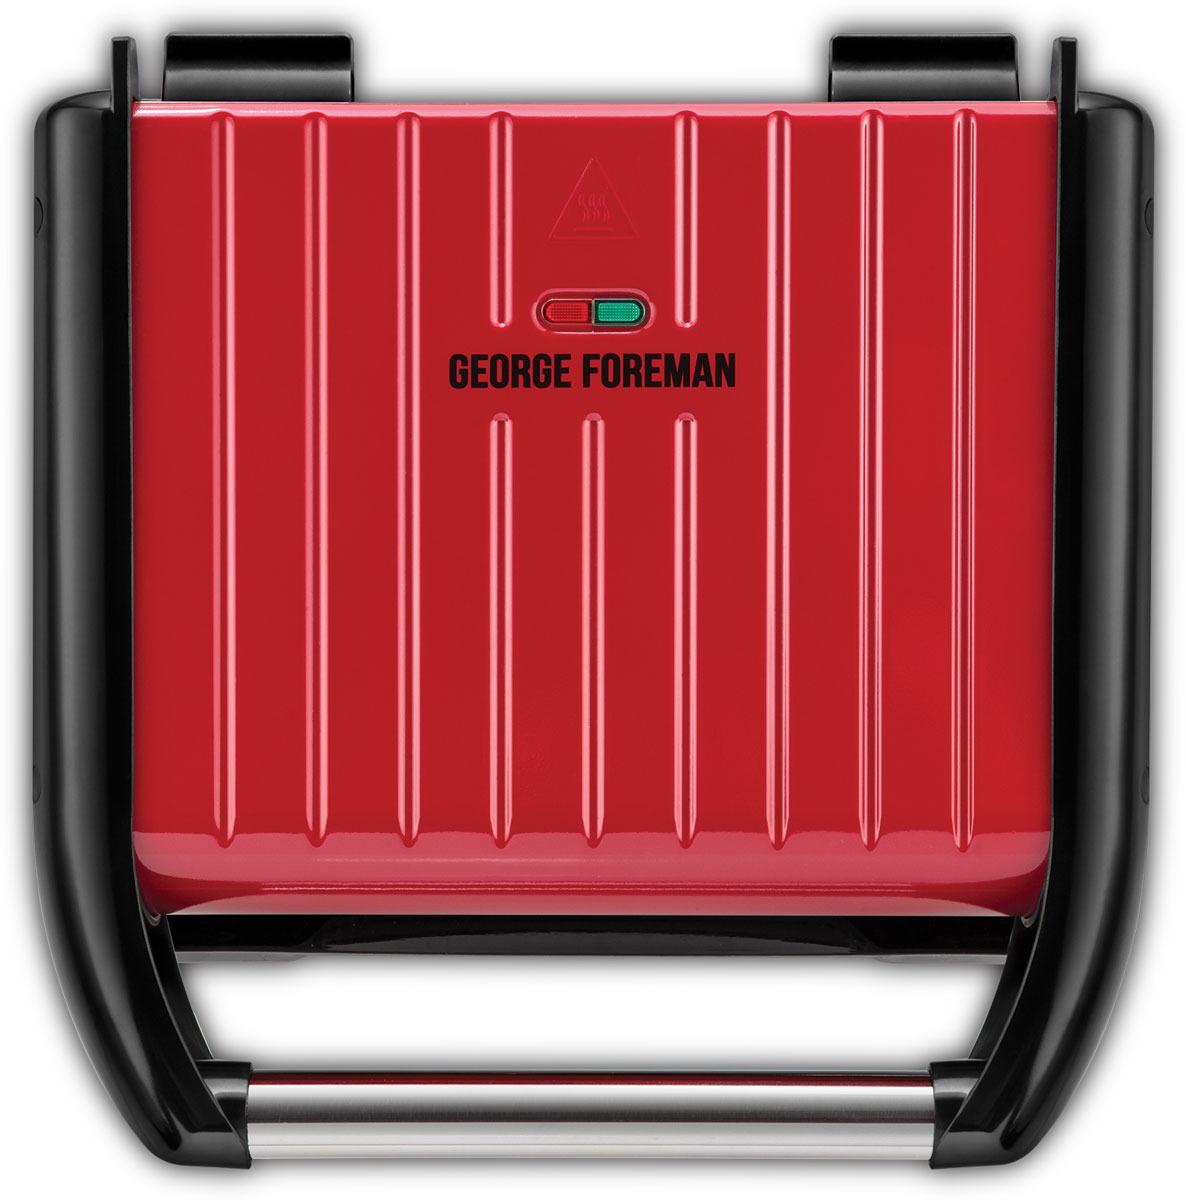 Электрогриль George Foreman 25040-56, Red25040-56Скошенный стальной верхний корпус и стальная ручка. Логотип на внутренней панели. Принципиально новый дизайн - современный вид. Антипригарные пластины. Готовит до 5 порций гриля. Поддон для жира и капель с системой фиксации. Регулируемая задняя нога для приготовления под углом (мясо) или в плоском состоянии (сэндвичи, панини). Вертикальное хранение, отсек для шнура. Индикатор разогрева и готовности к работе.